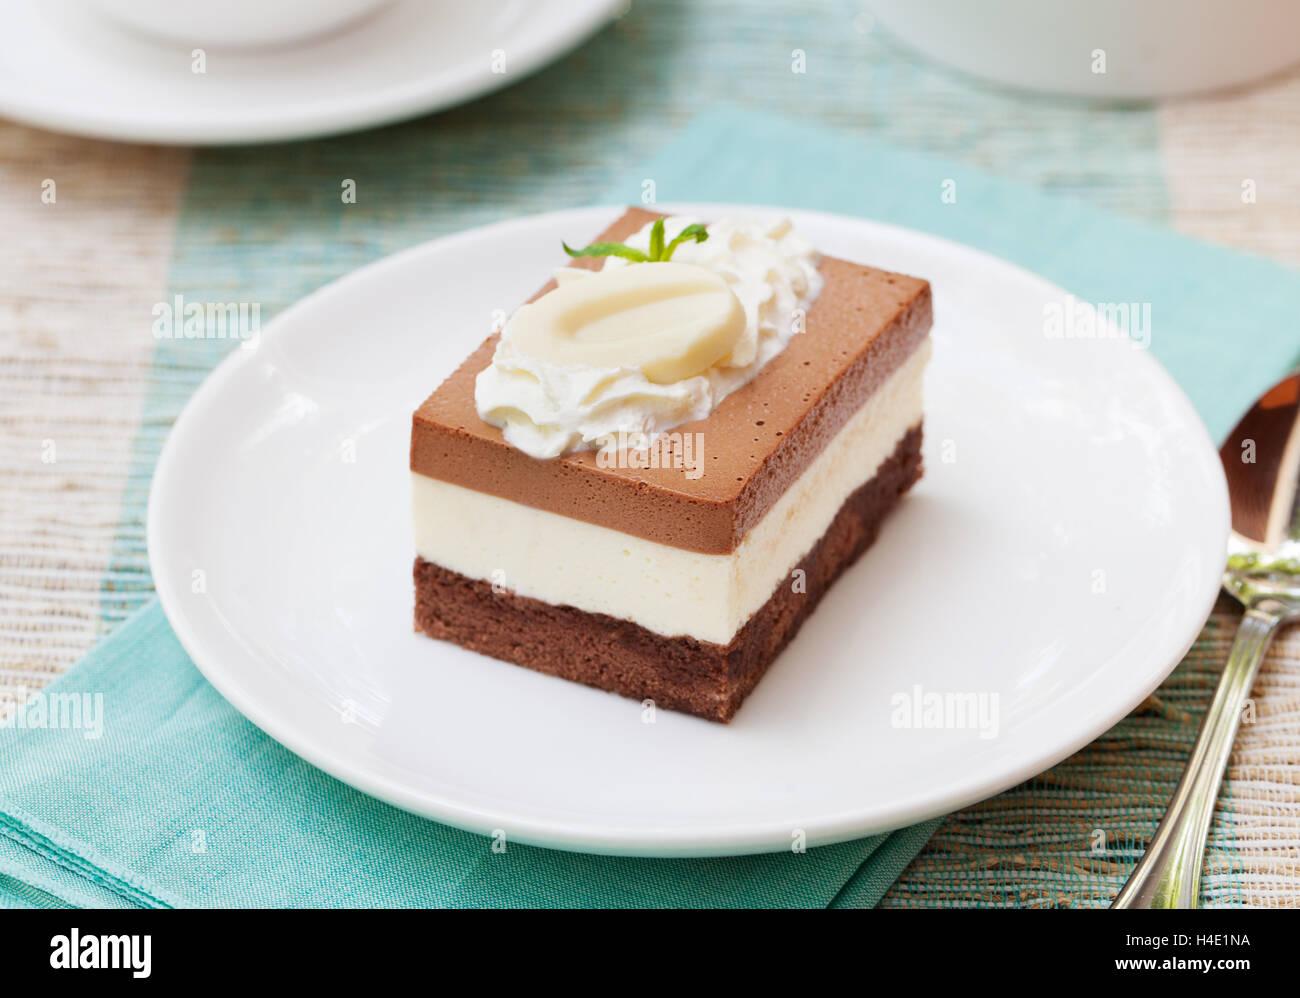 Tres mousse de chocolate cake en una placa blanca. Foto de stock